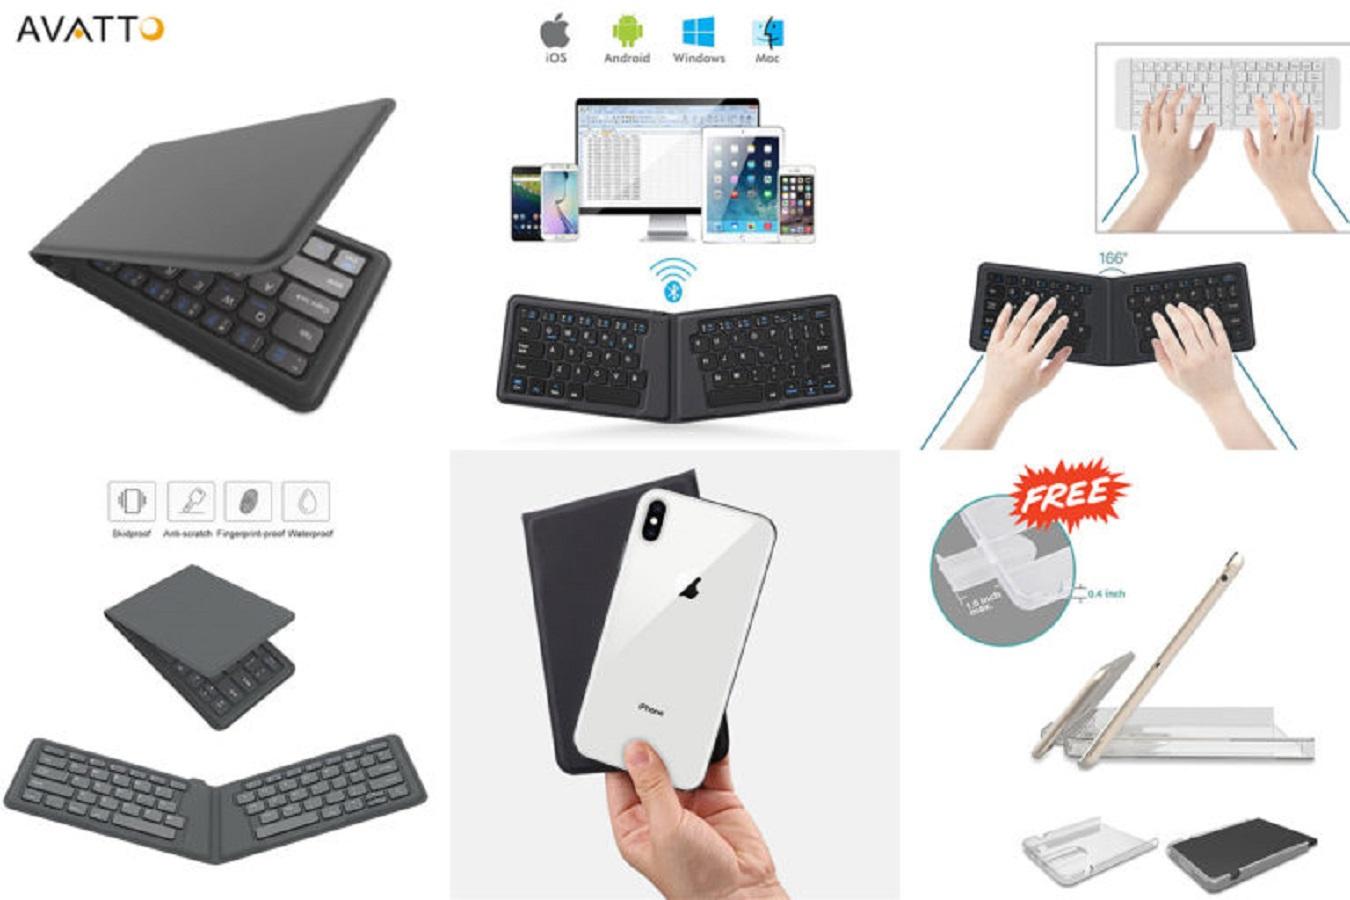 Складная клавиатура с универсальным применением